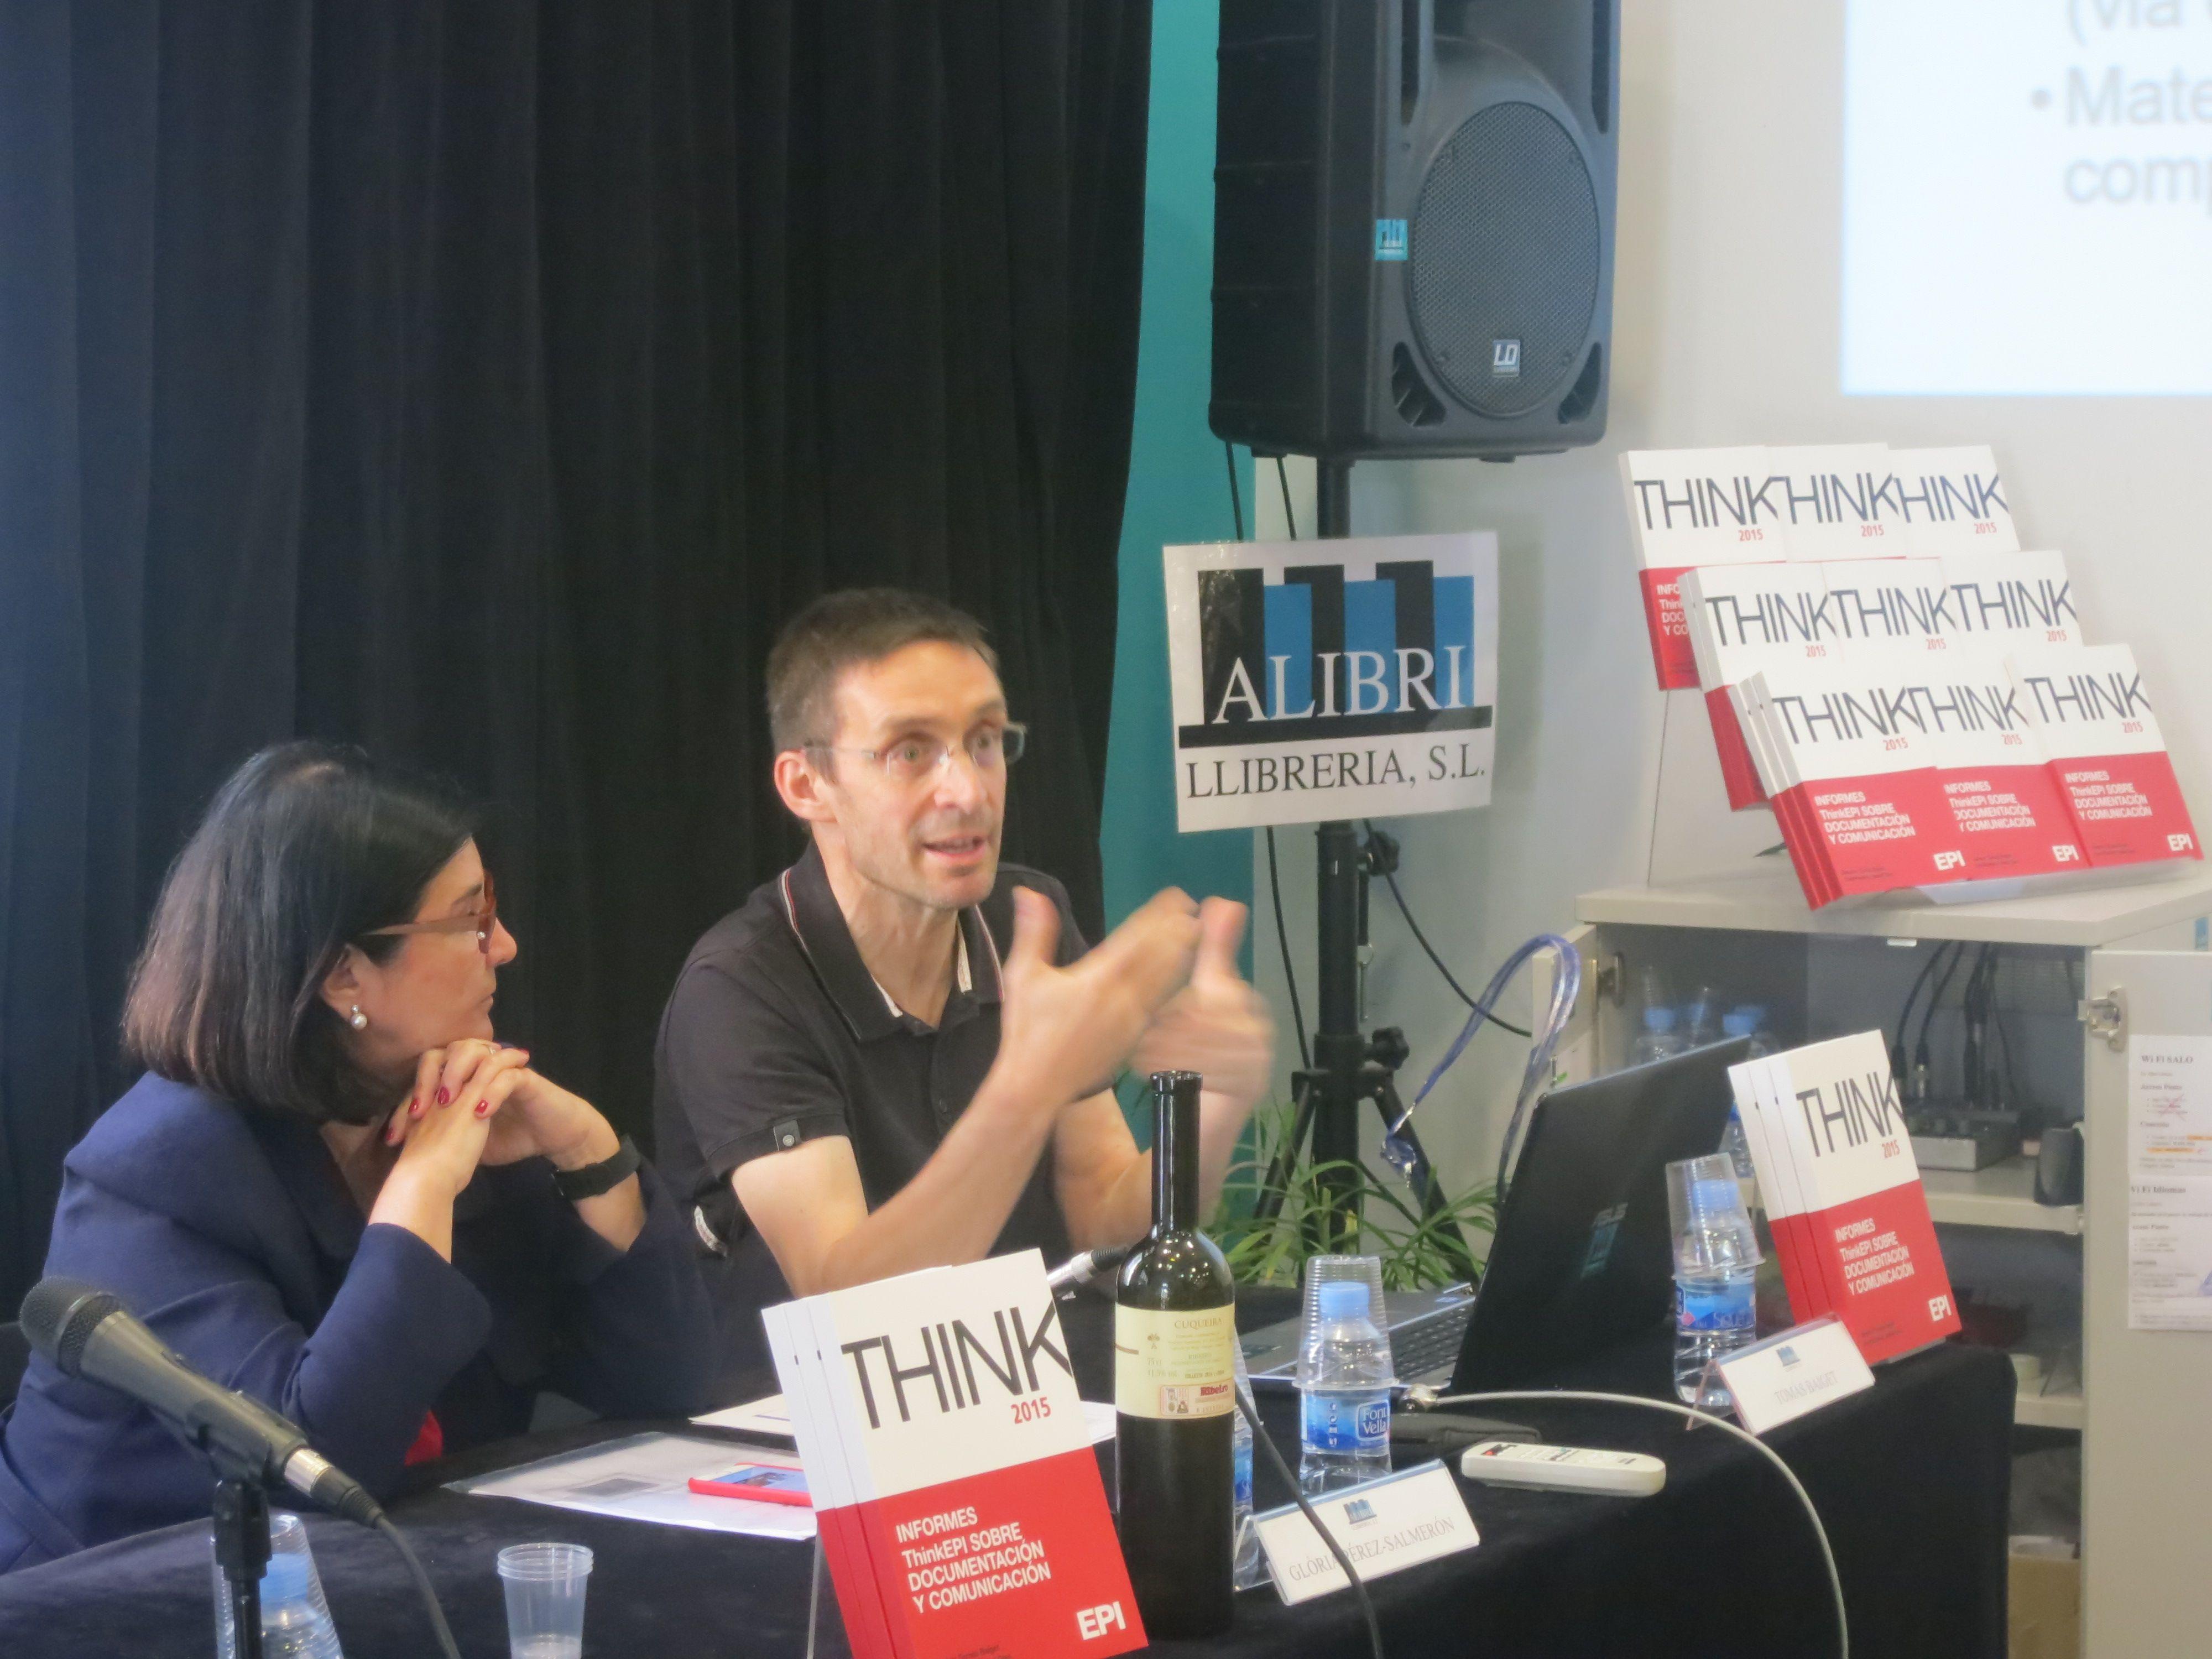 Presentación de los Informes ThinkEPI sobre Documentación y Comunicación en la en la librería Alibri (Barcelona).